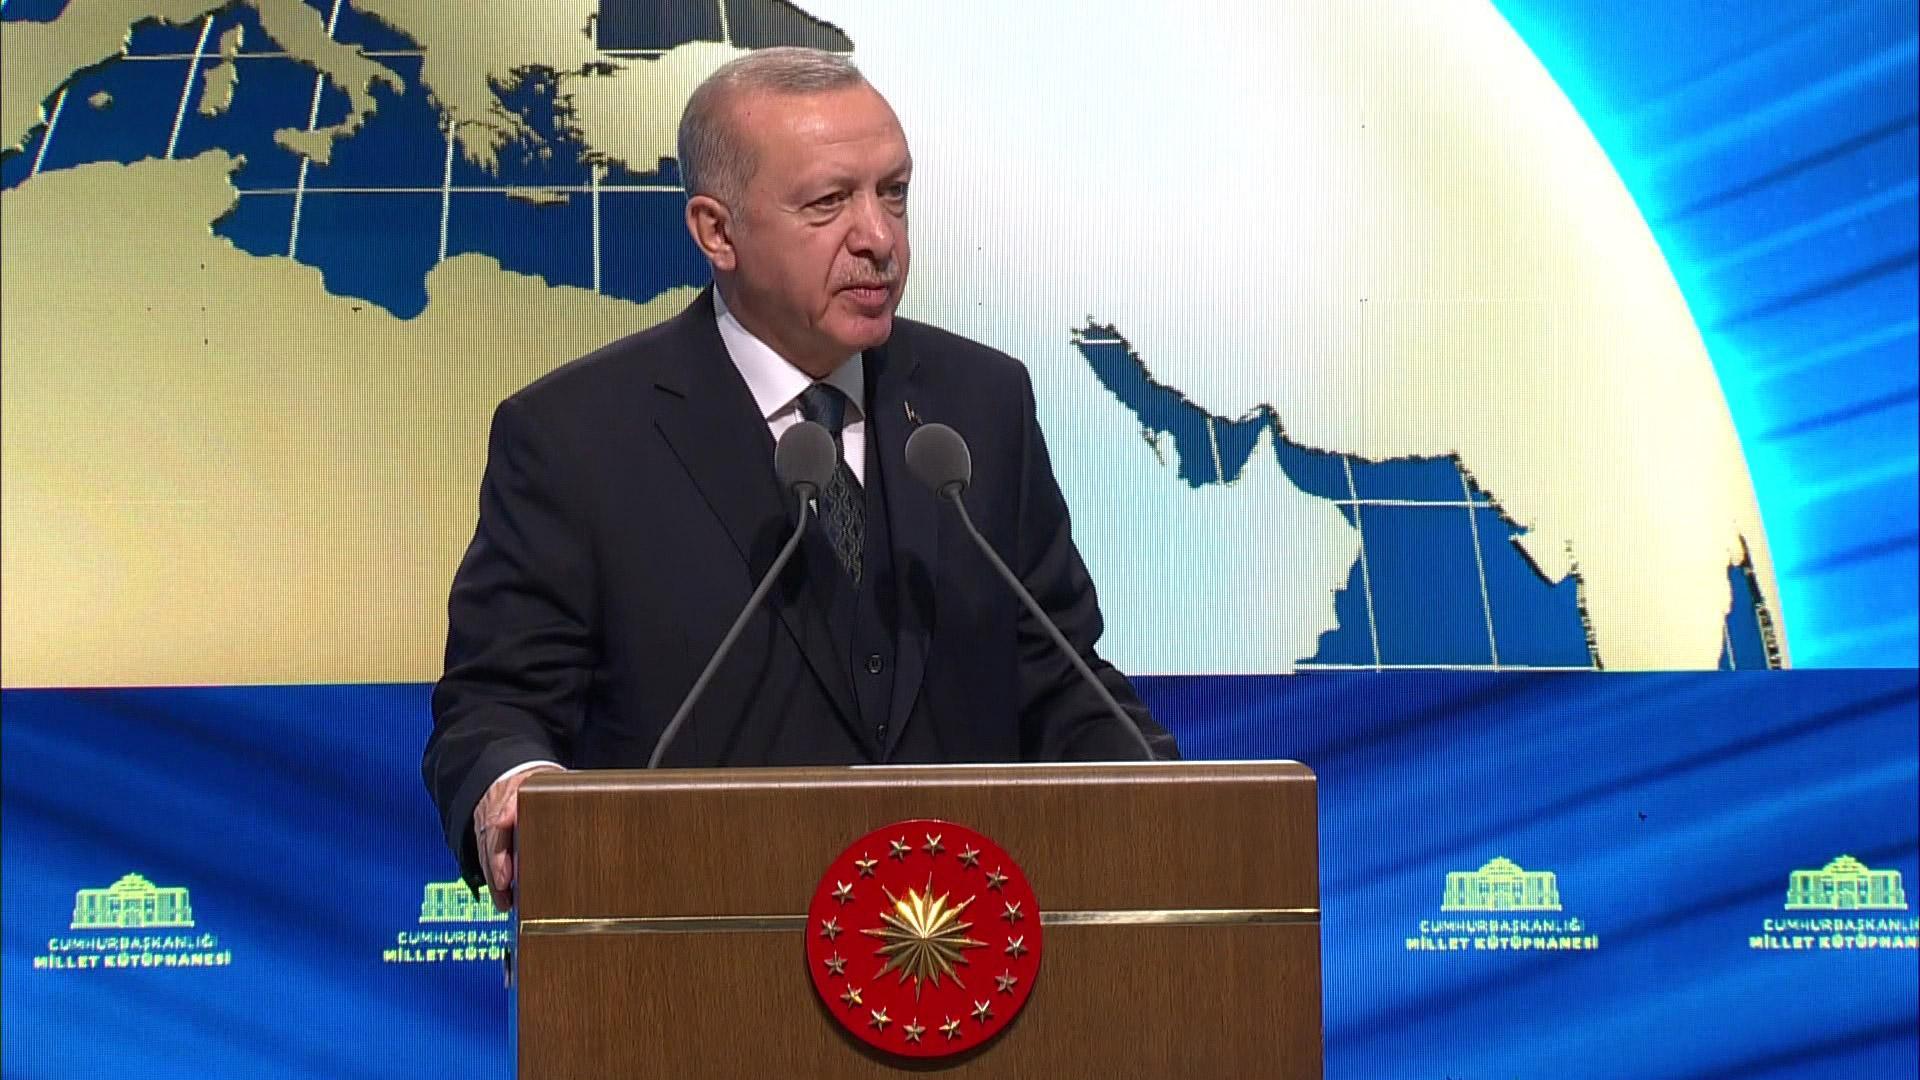 Başkan Erdoğan, Cumhurbaşkanlığı Millet Kütüphanesi açılışında konuşuyor